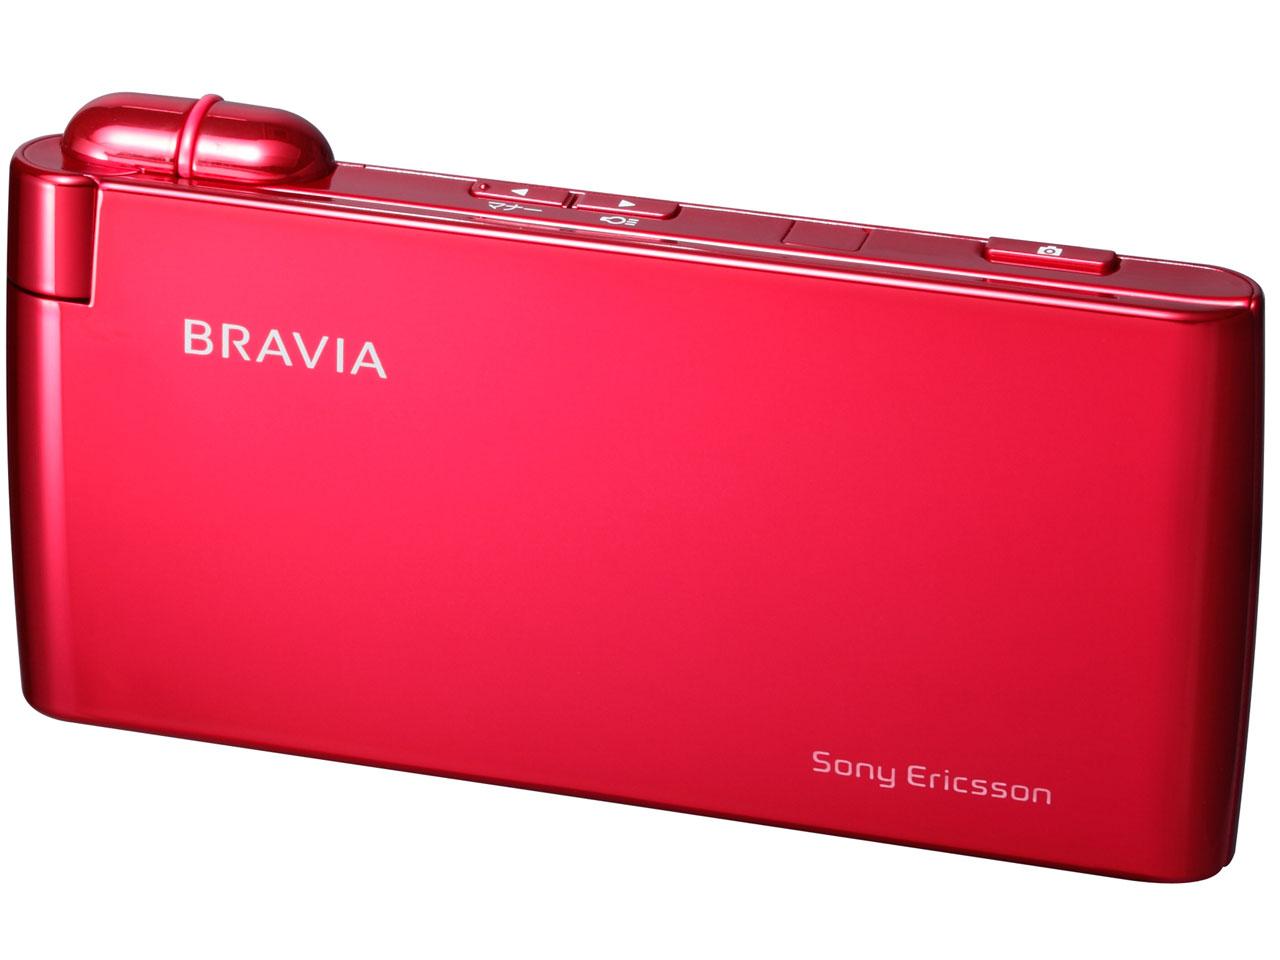 『本体 閉じ 正面2』 BRAVIA Phone S005 [ビビッドレッド] の製品画像